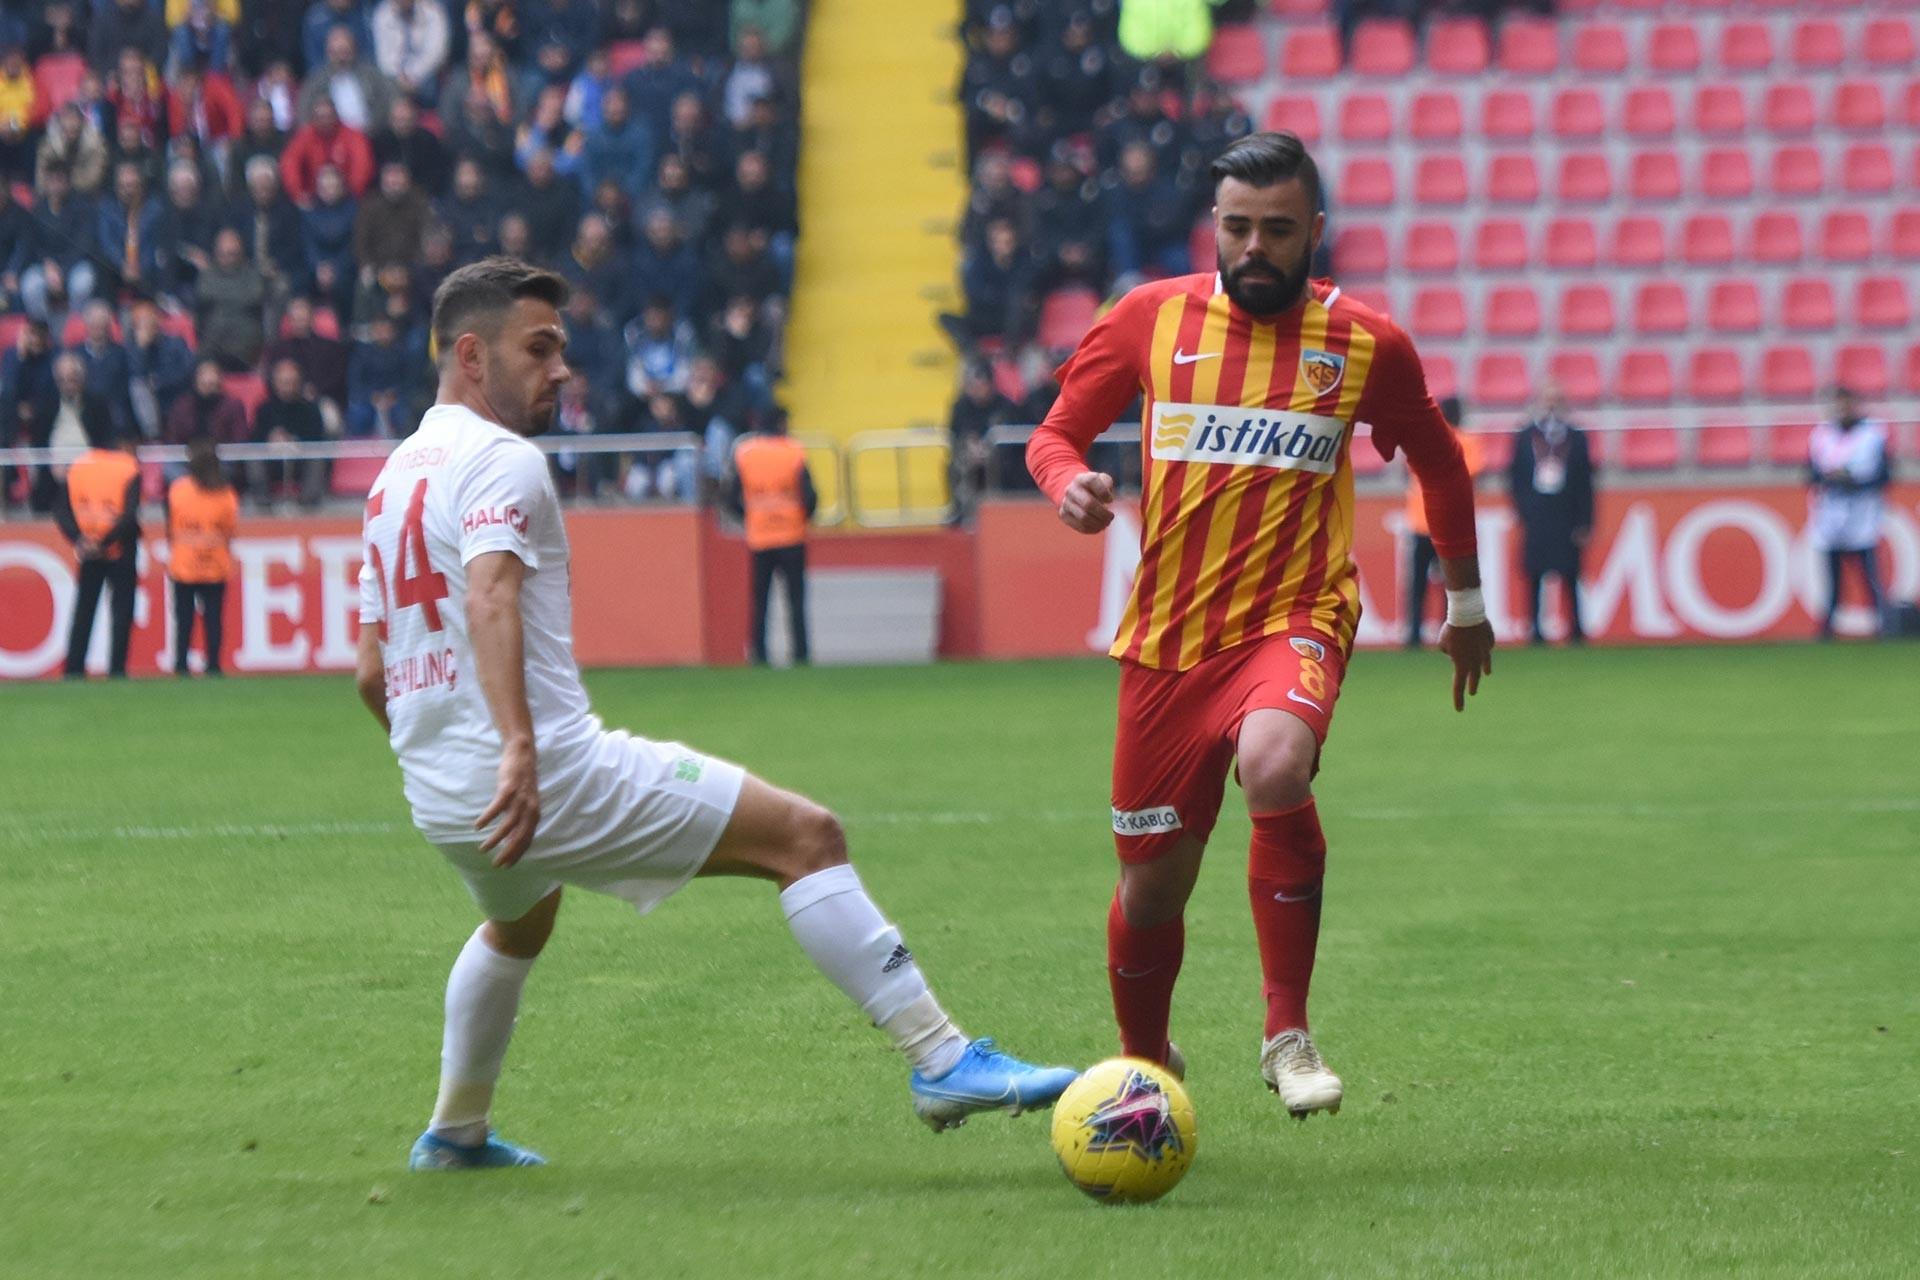 Kayserisporlu futbolcu Hasan Ali Acar ile Sivassporlu oyuncu Emre Kılınç maçta mücadele ederken